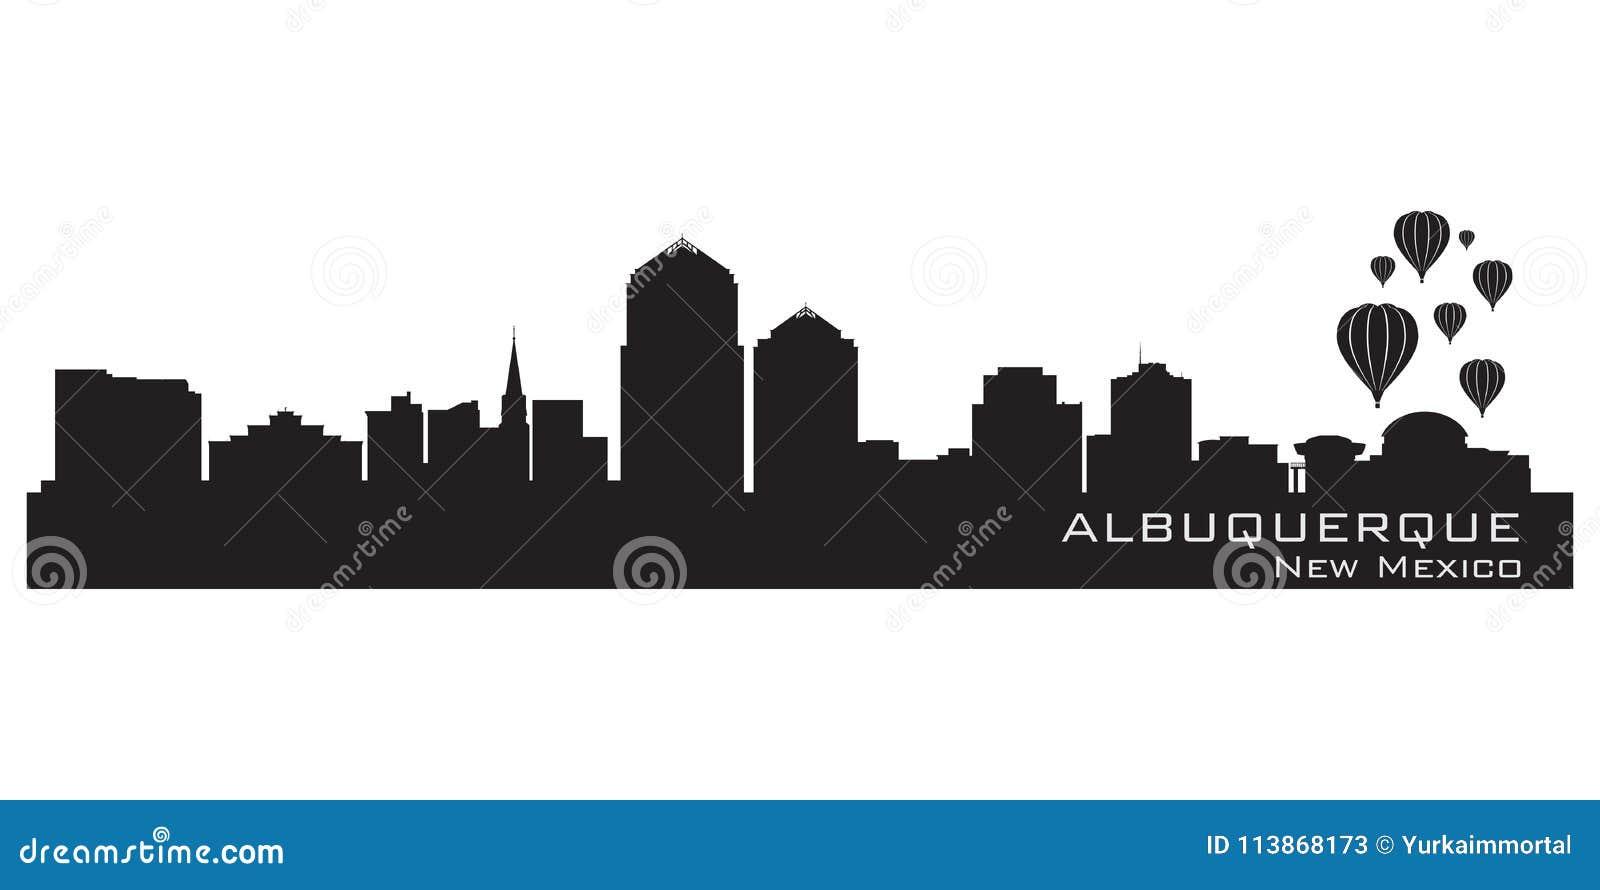 De stadshorizon van Albuquerque, New Mexico Gedetailleerd silhouet